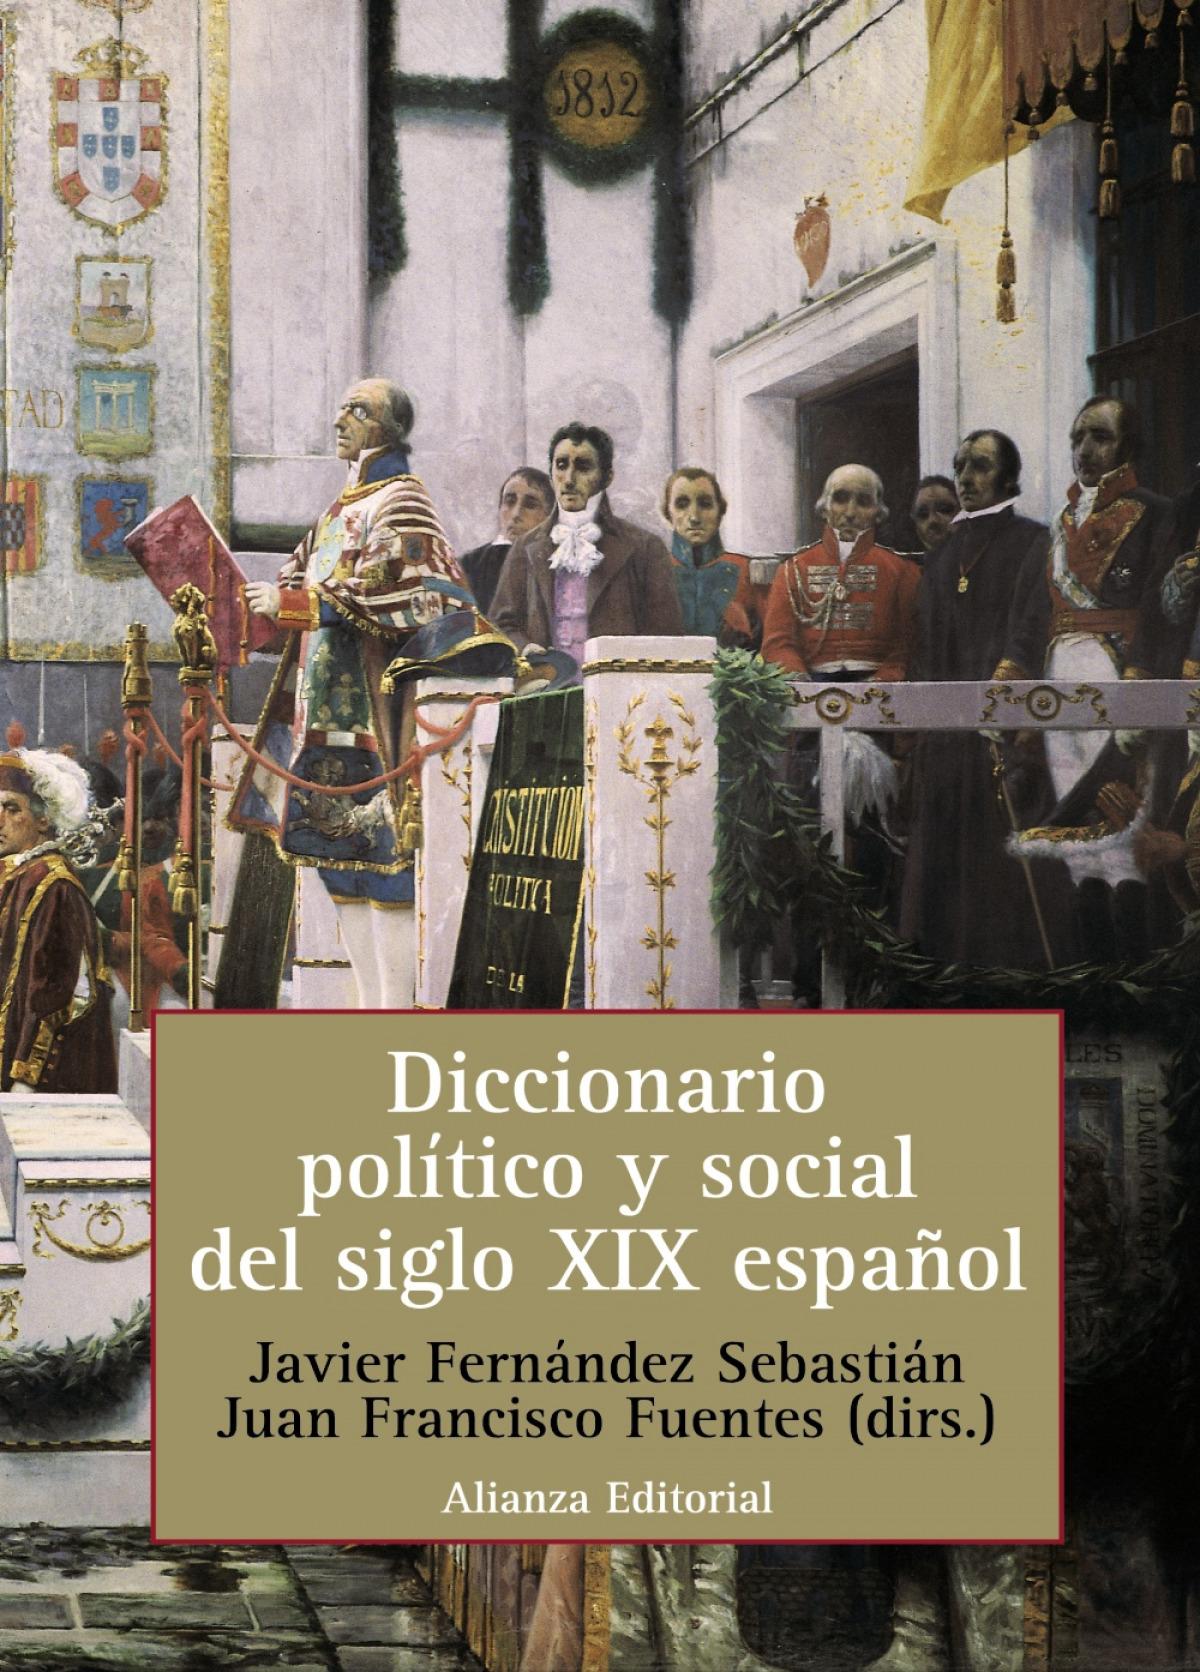 Diccionario politico social siglo xix español 9788420686035